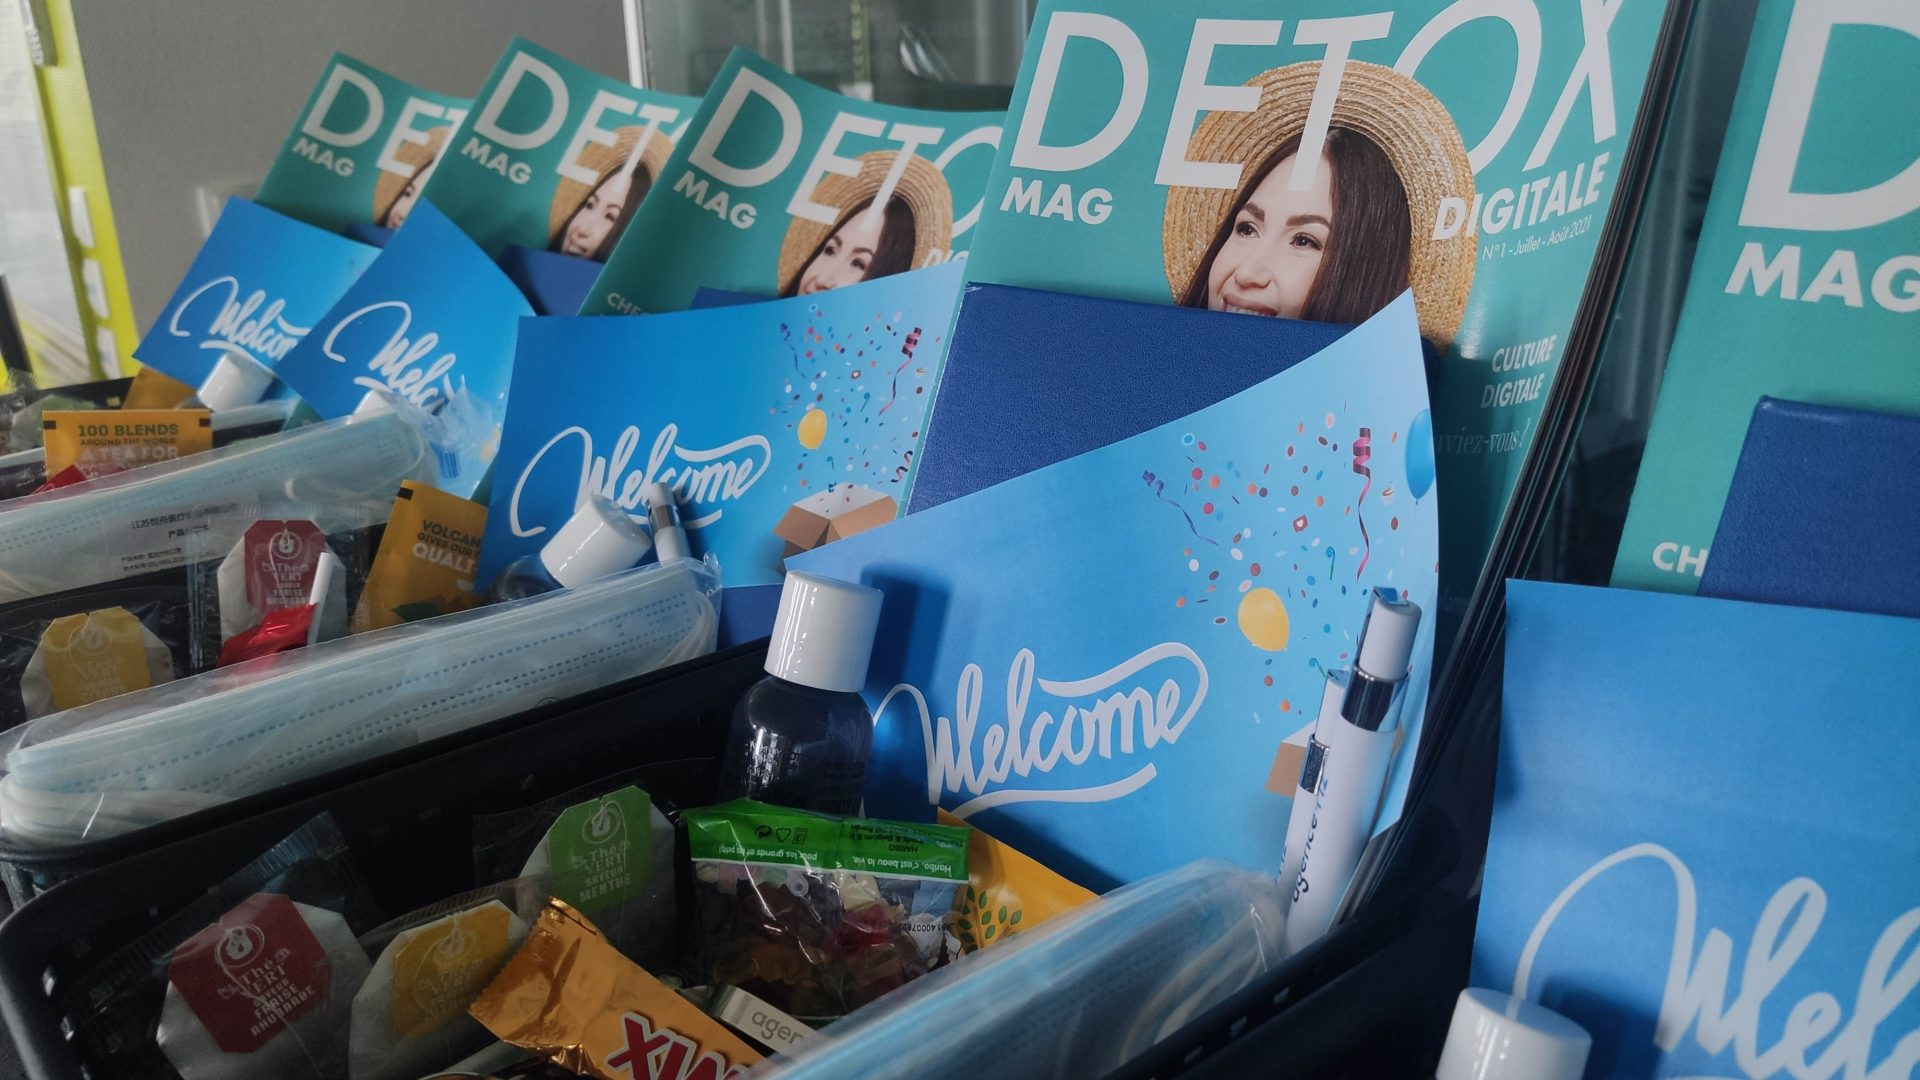 """Welcome Box (Kit de bienvenue) de l'Agence Tiz : Magazine """"Détox Digitale"""" de l'été, gel hydroalcoolique, stylos, masques, sucreries et autres attentions"""